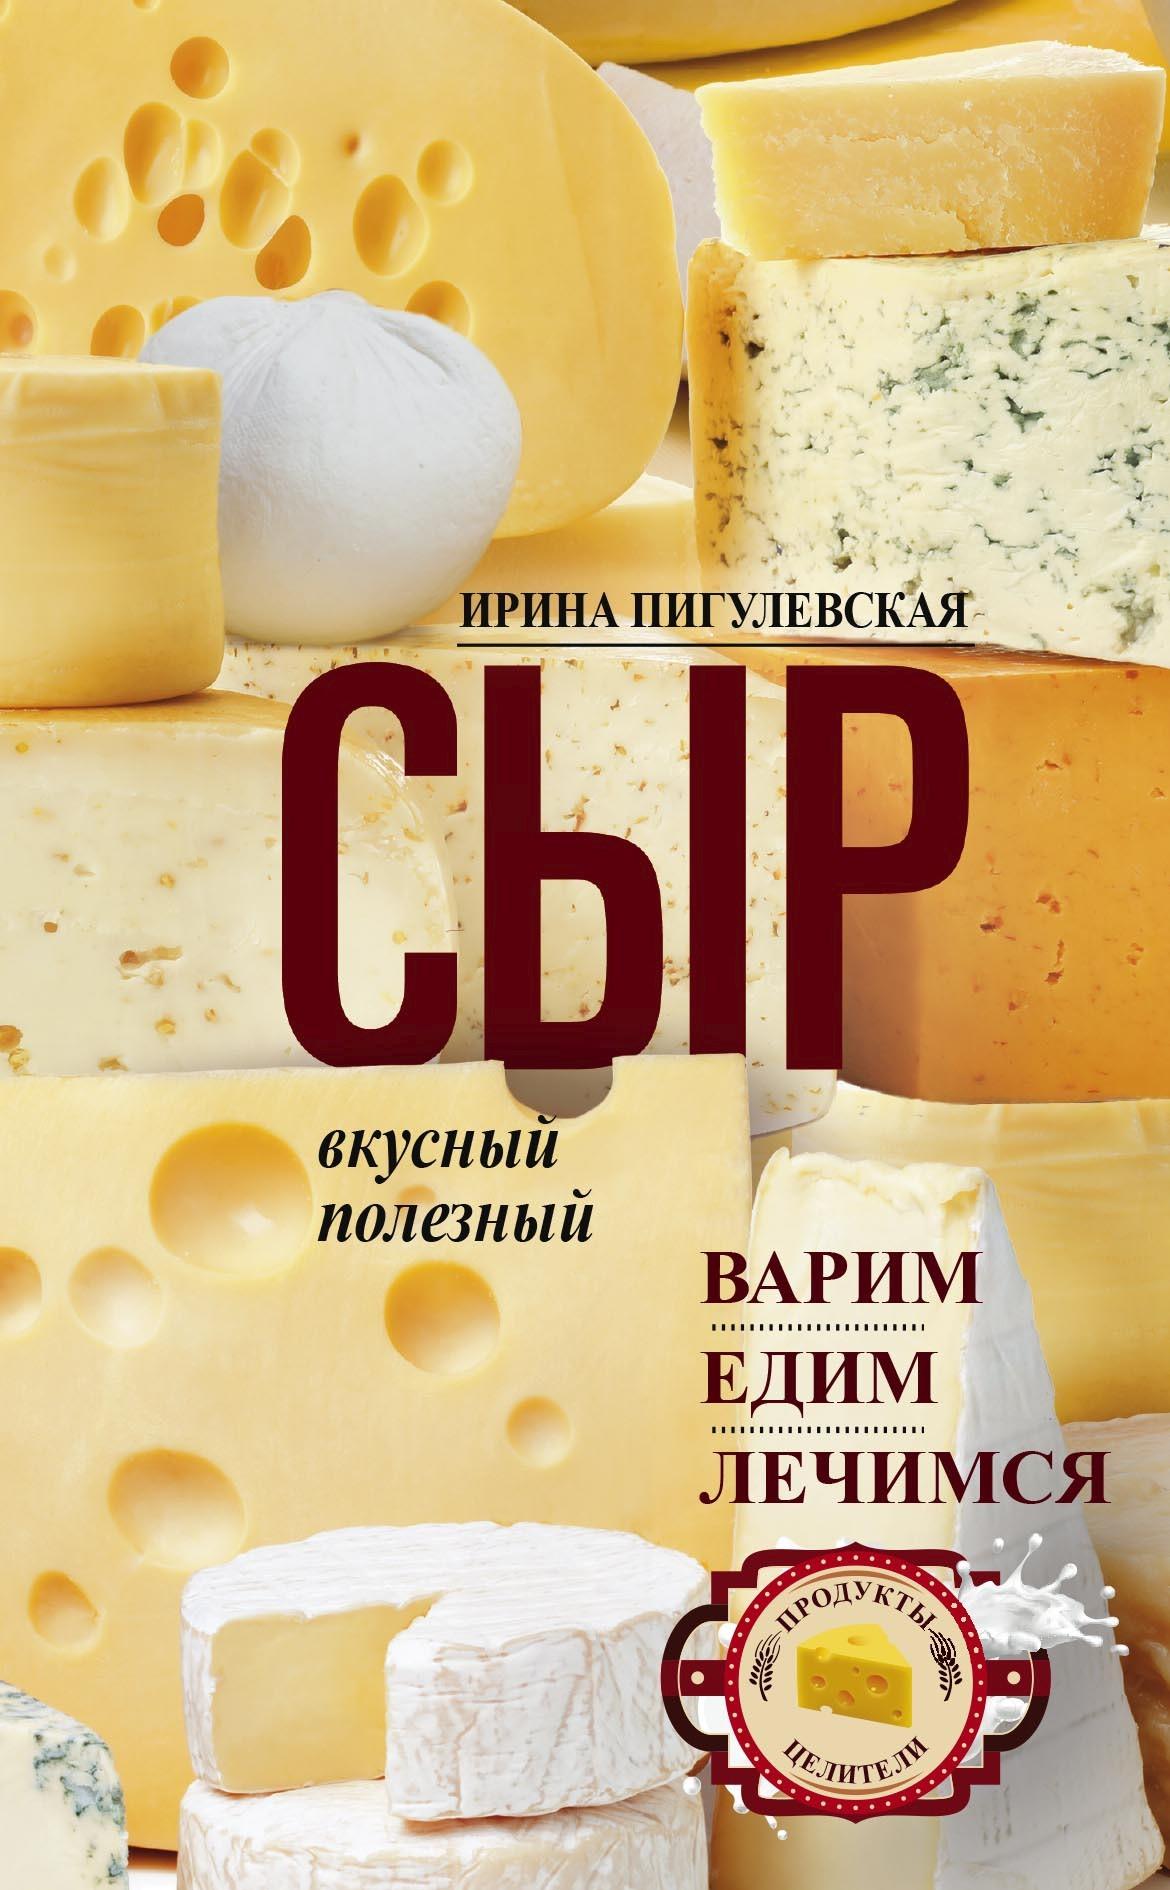 все цены на И. С. Пигулевская Сыр вкусный, целебный. Варим, едим, лечимся онлайн